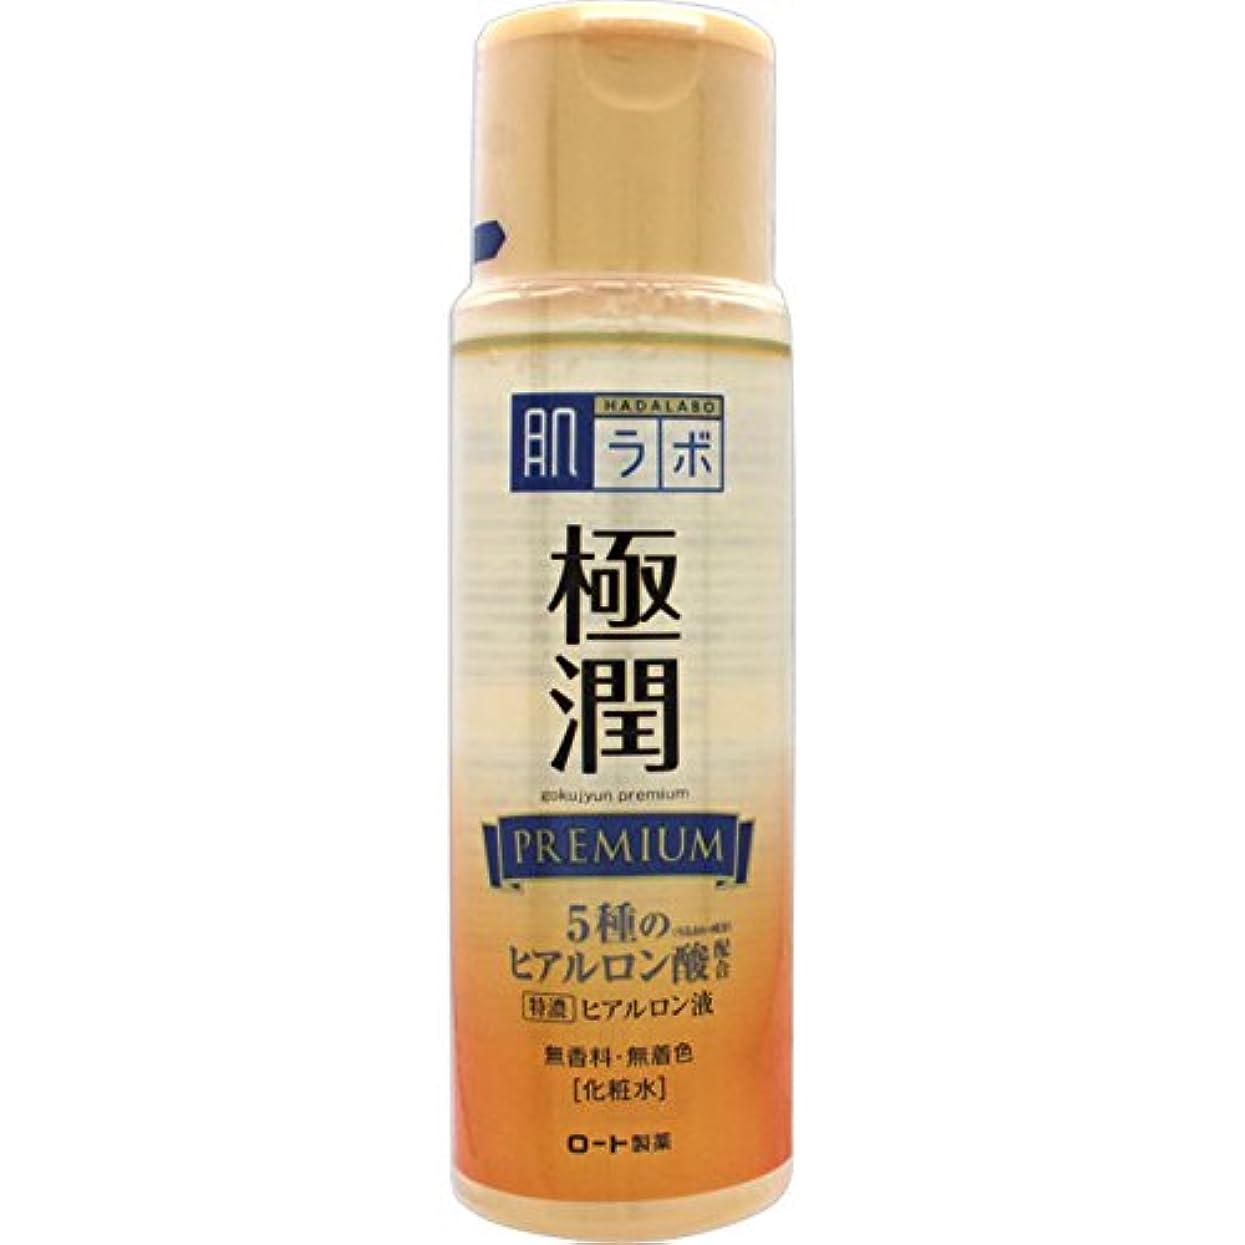 戸口思われる肌ラボ 極潤プレミアム 特濃ヒアルロン酸 化粧水 ヒアルロン酸5種類×サクラン配合 170mL